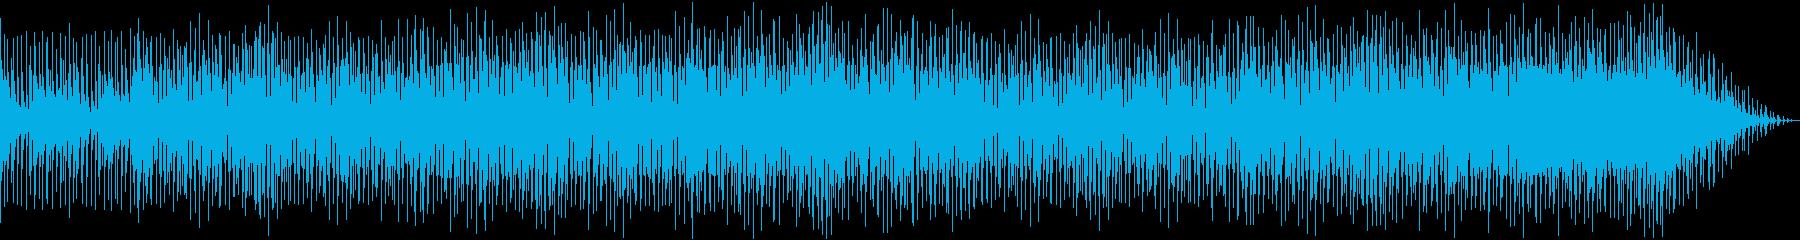 明るく愉快なサウンドの曲の再生済みの波形